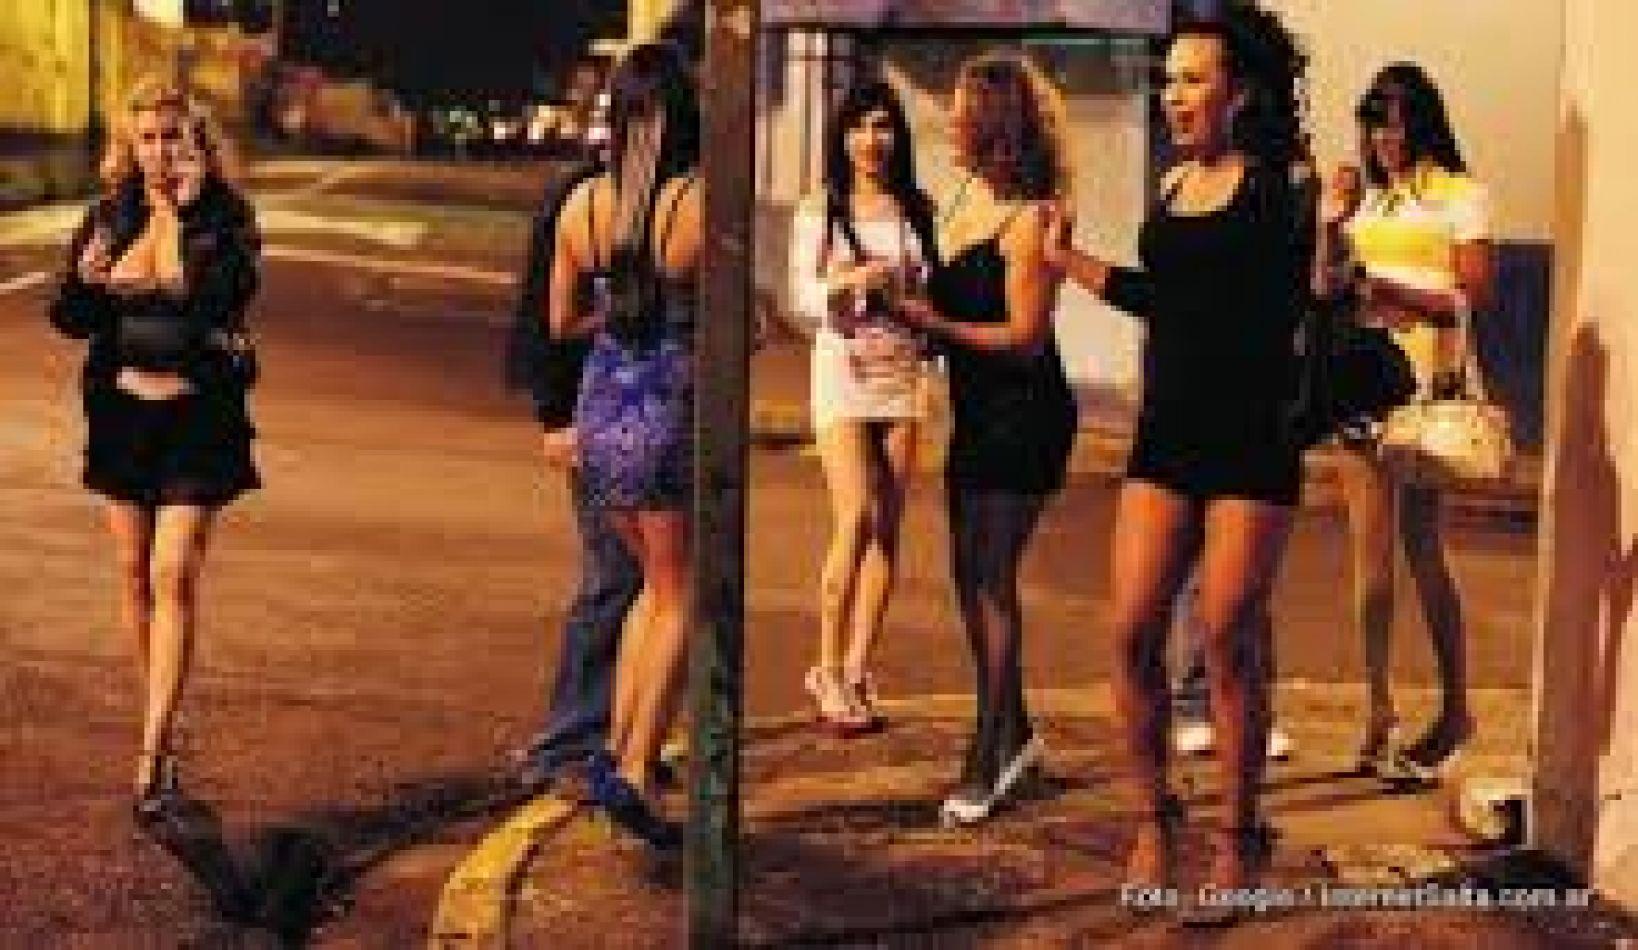 prostitutas danesas protitucion